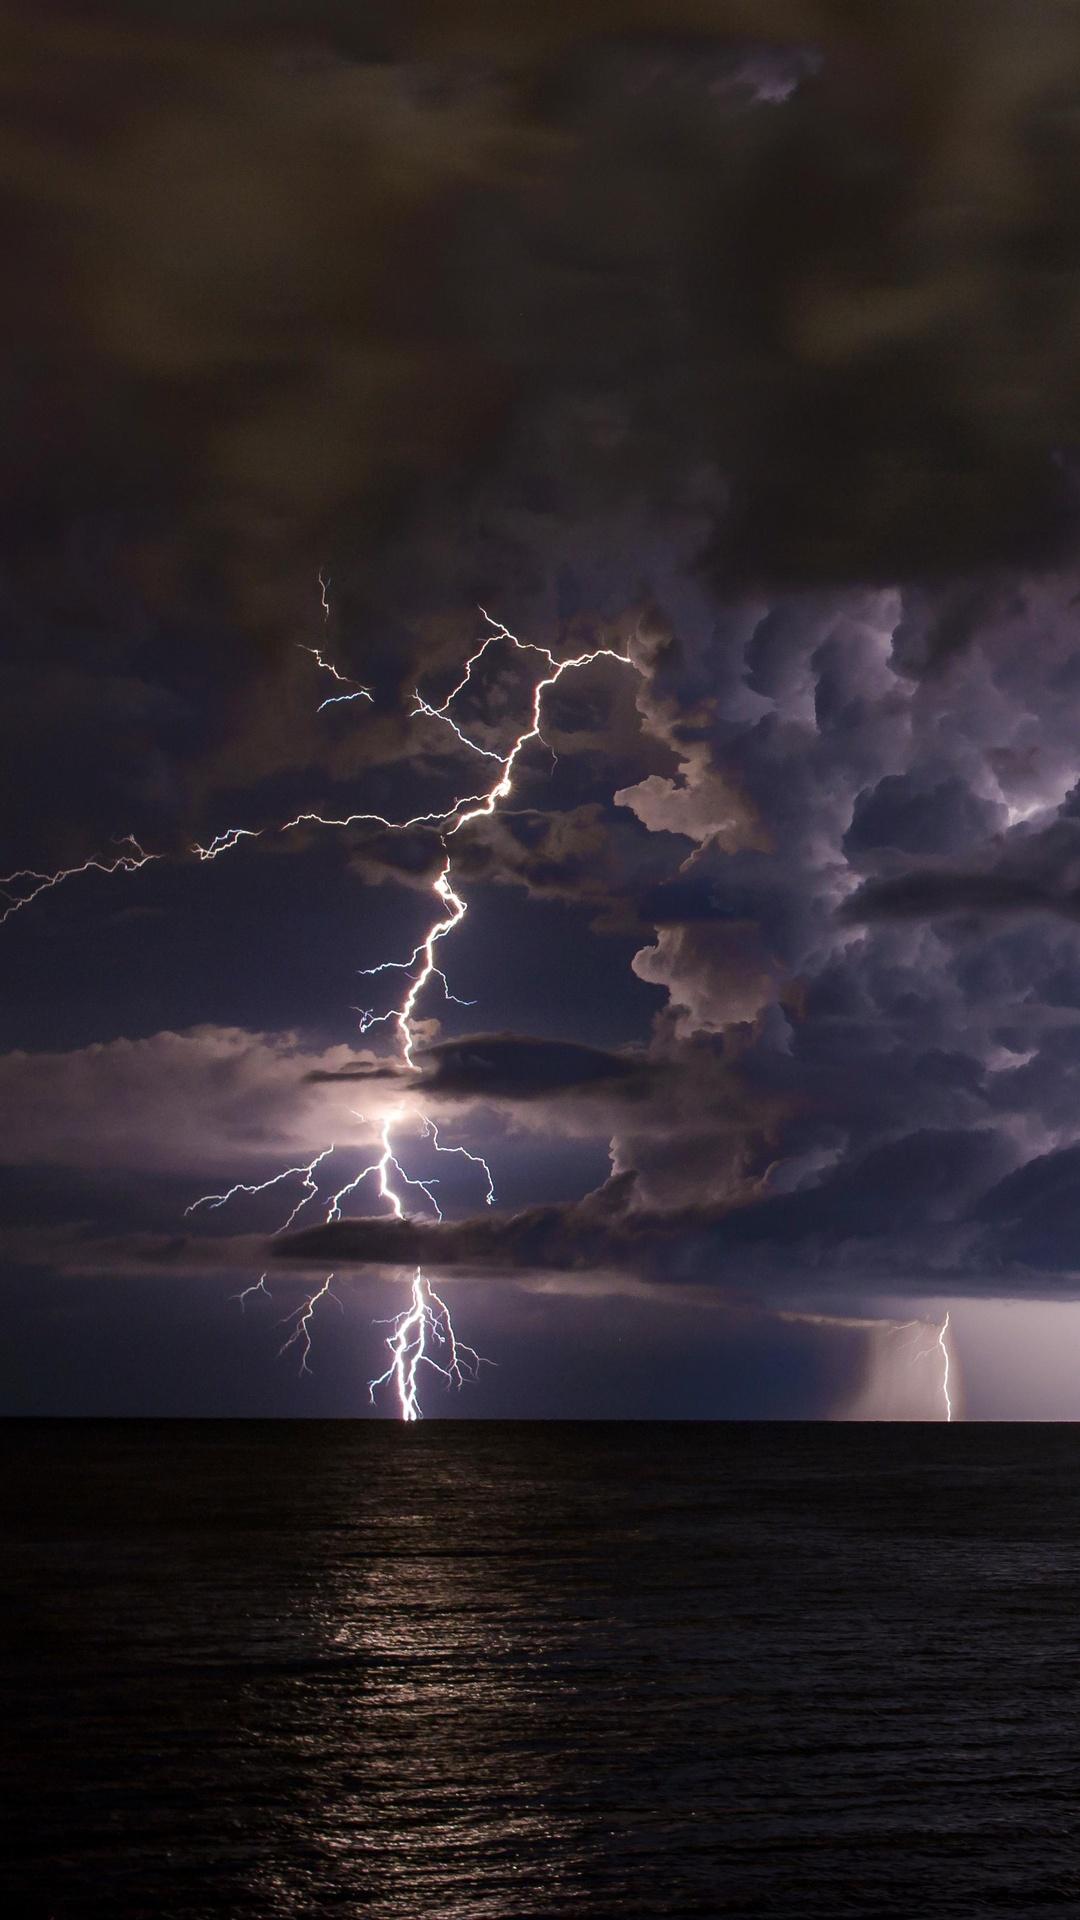 rain-shower-lightning-5k-8d.jpg